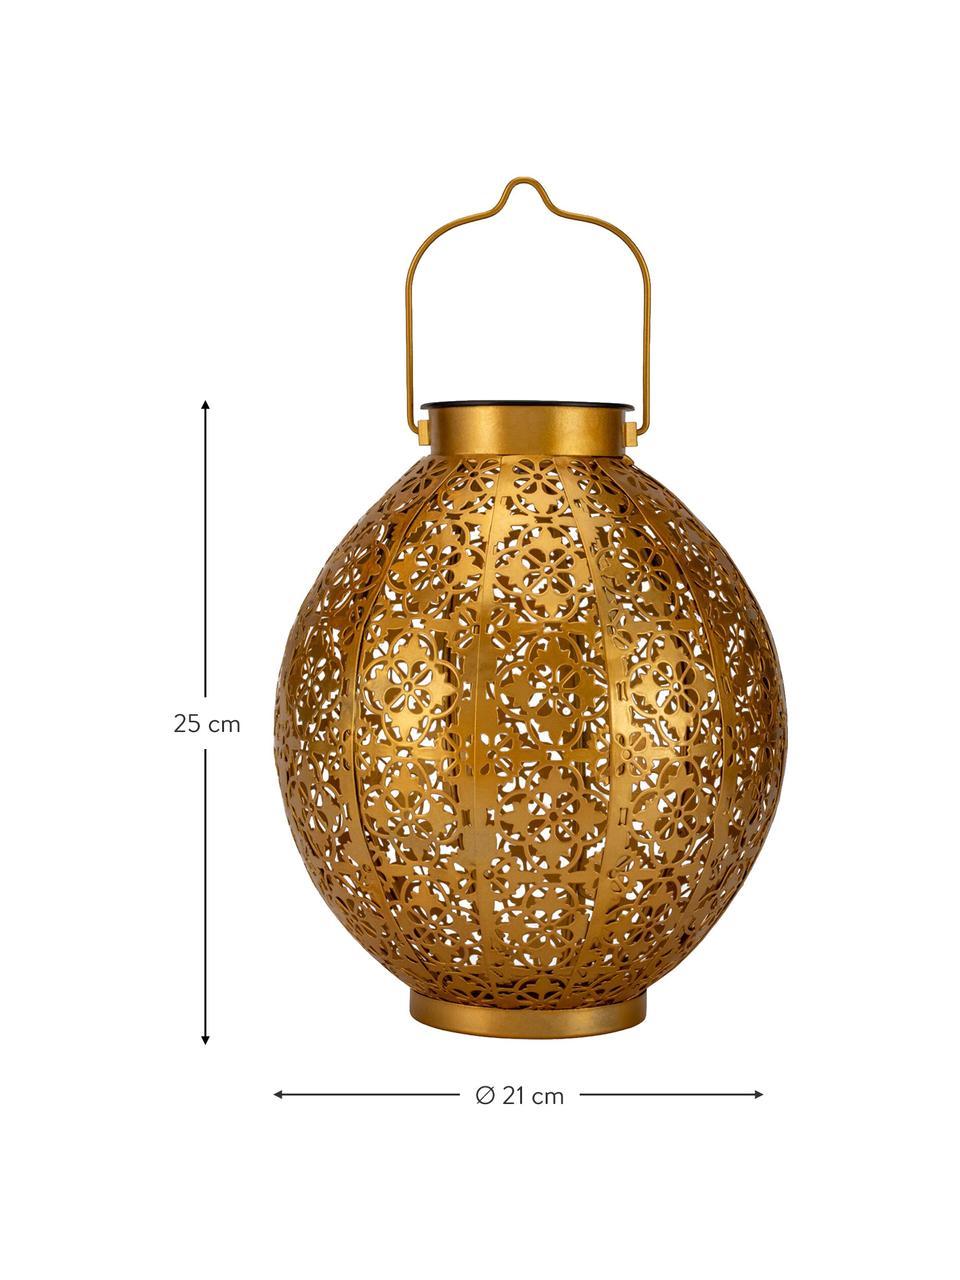 Solar Außenleuchte Aura zum Hängen oder Stellen, Goldfarben, Ø 21 x H 25 cm